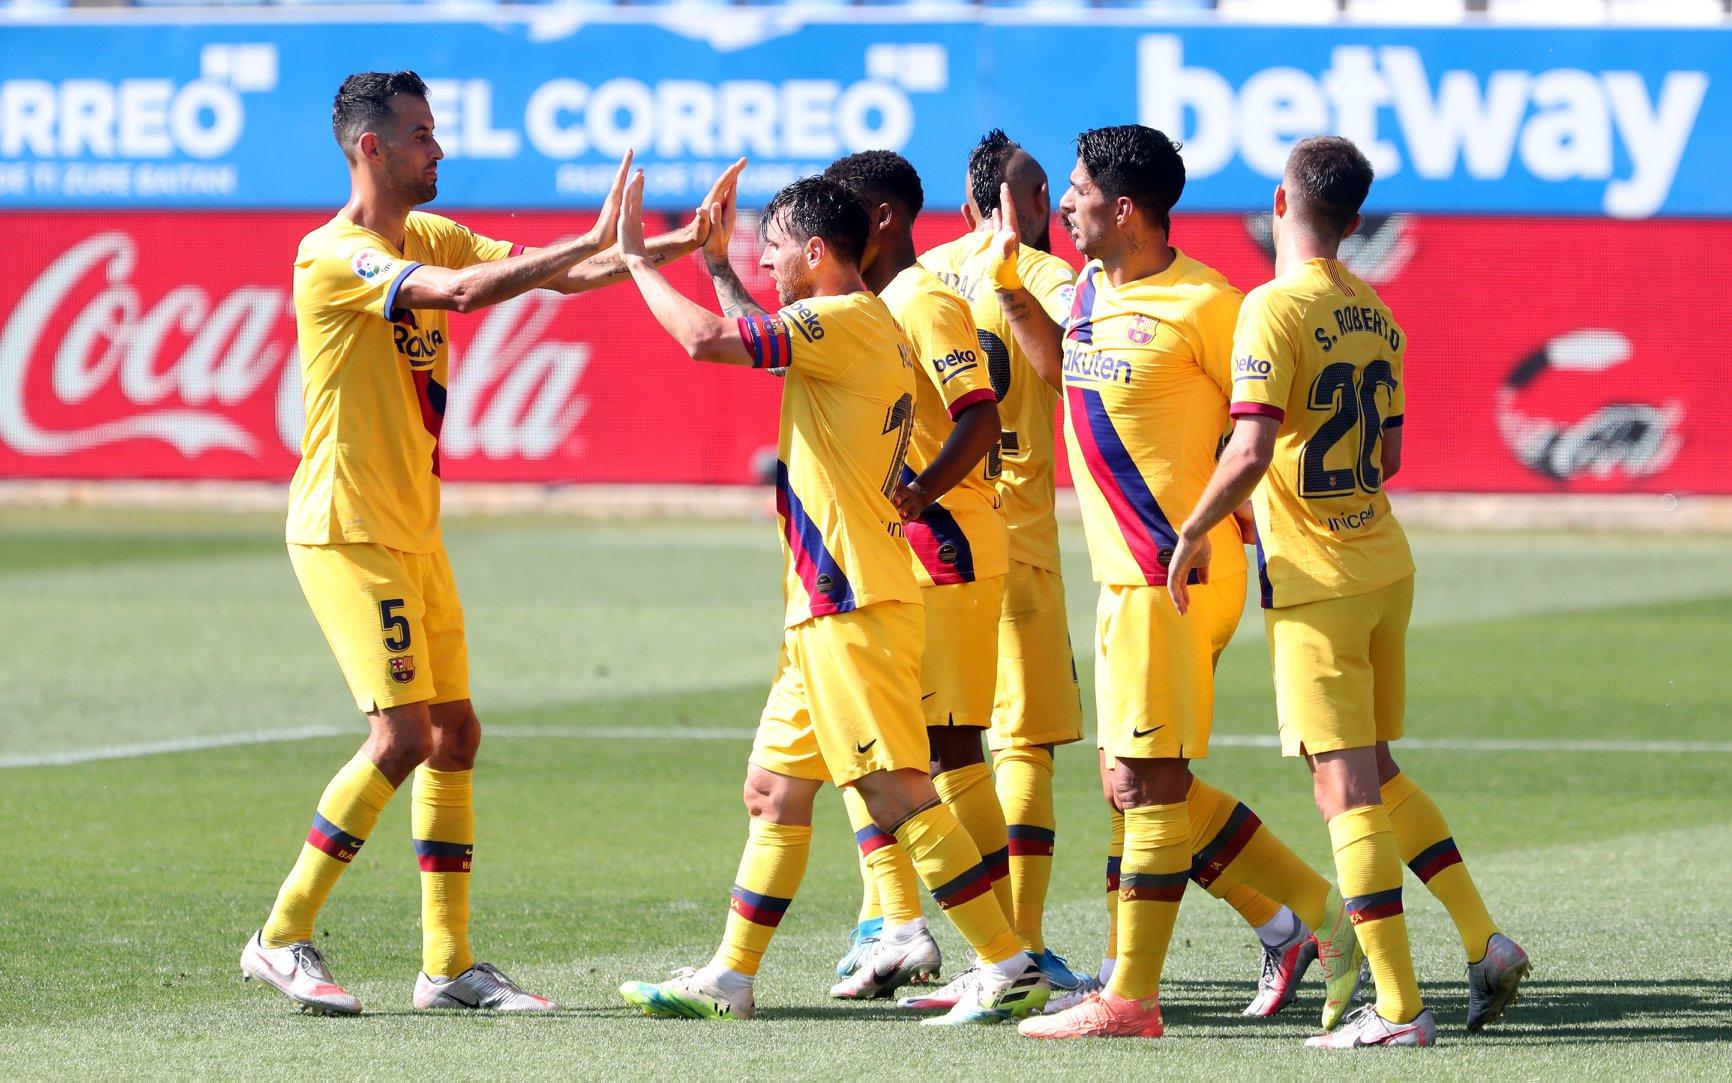 برشلونة الإسباني: نصف الفريق معروض للبيع